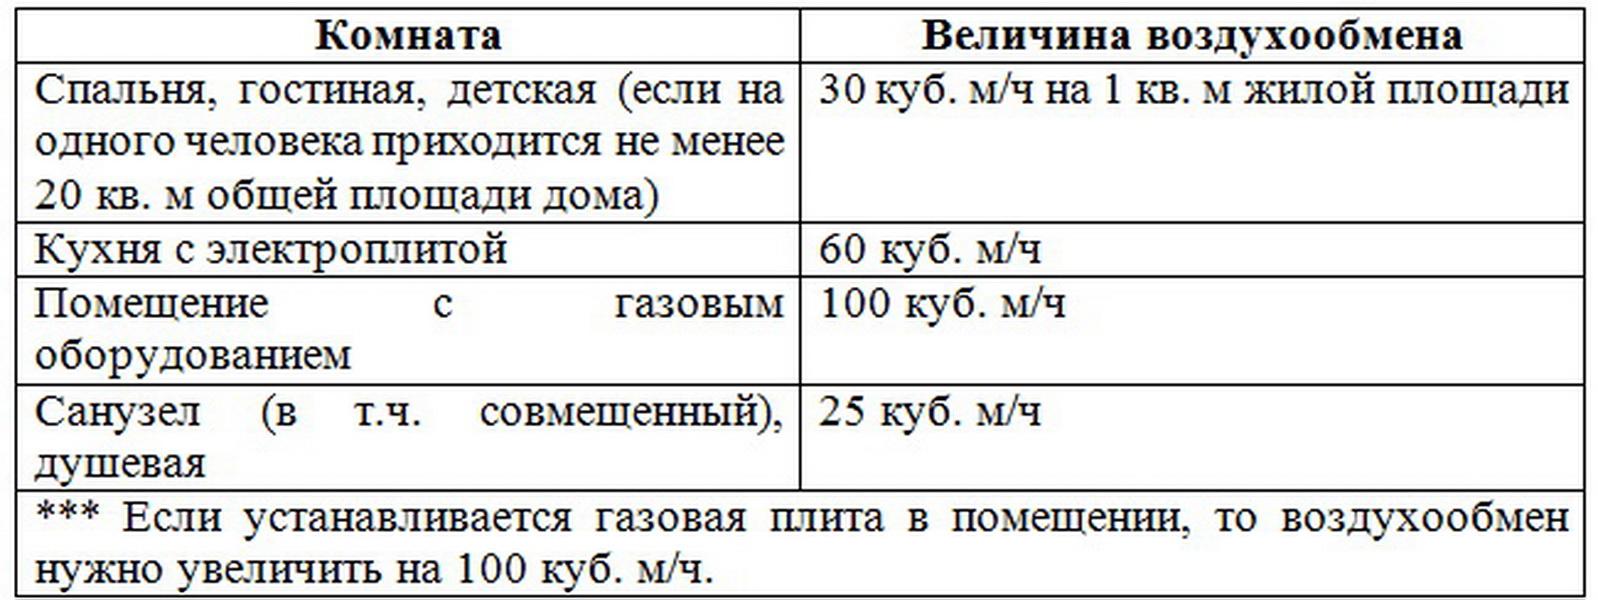 Авок стандарт 1-2004 «здания жилые и общественные. нормы воздухообмена»